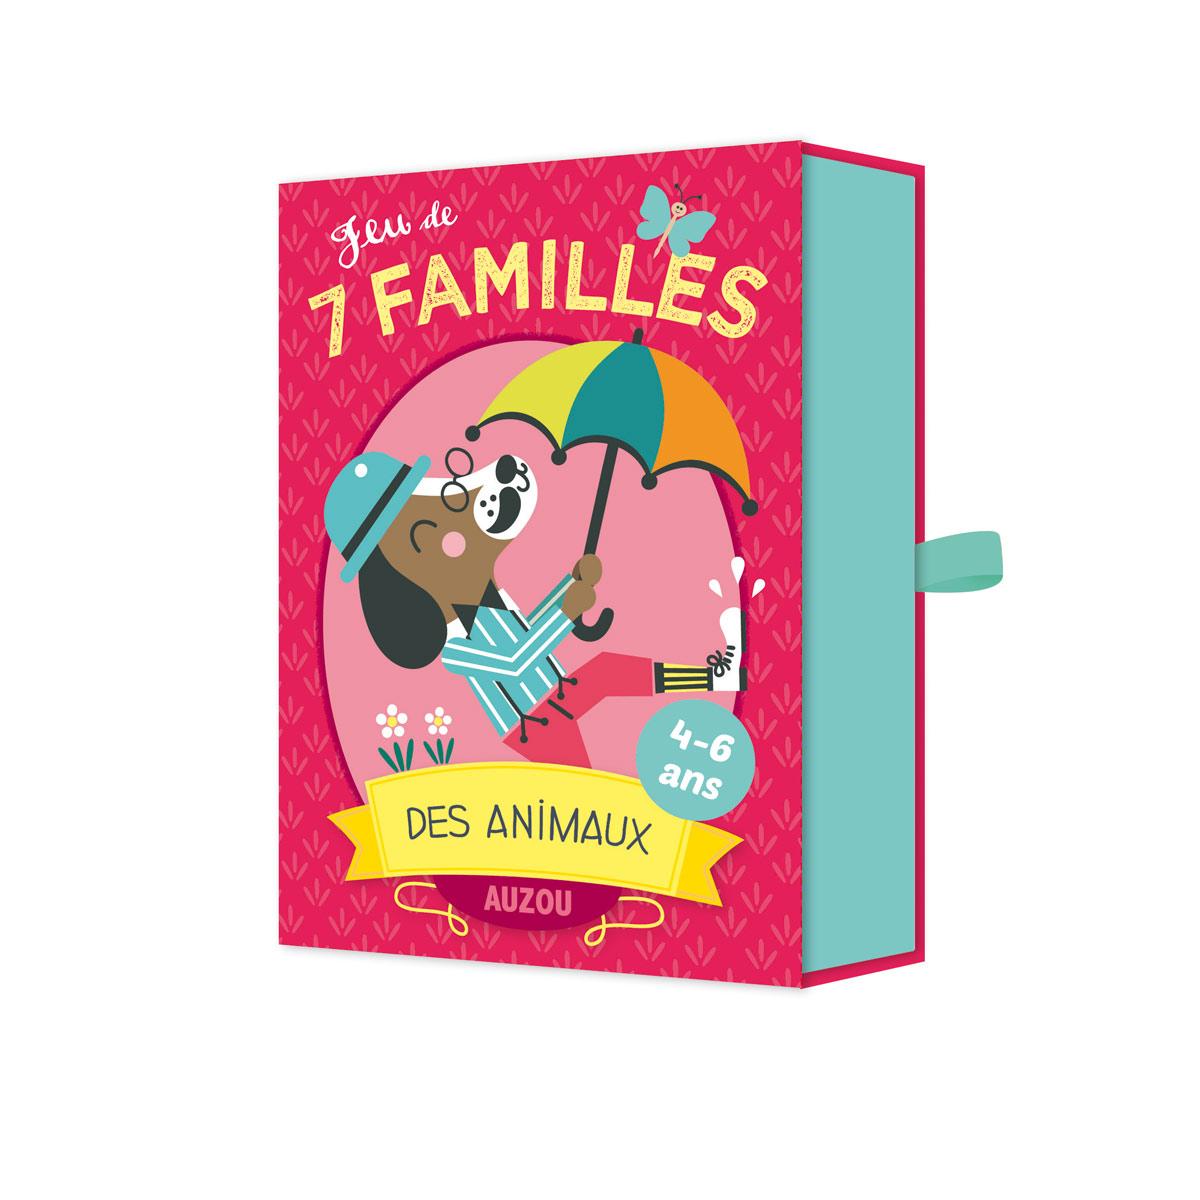 Jeu De 7 Familles Des Animaux serapportantà Jeux Gratuit 4 Ans